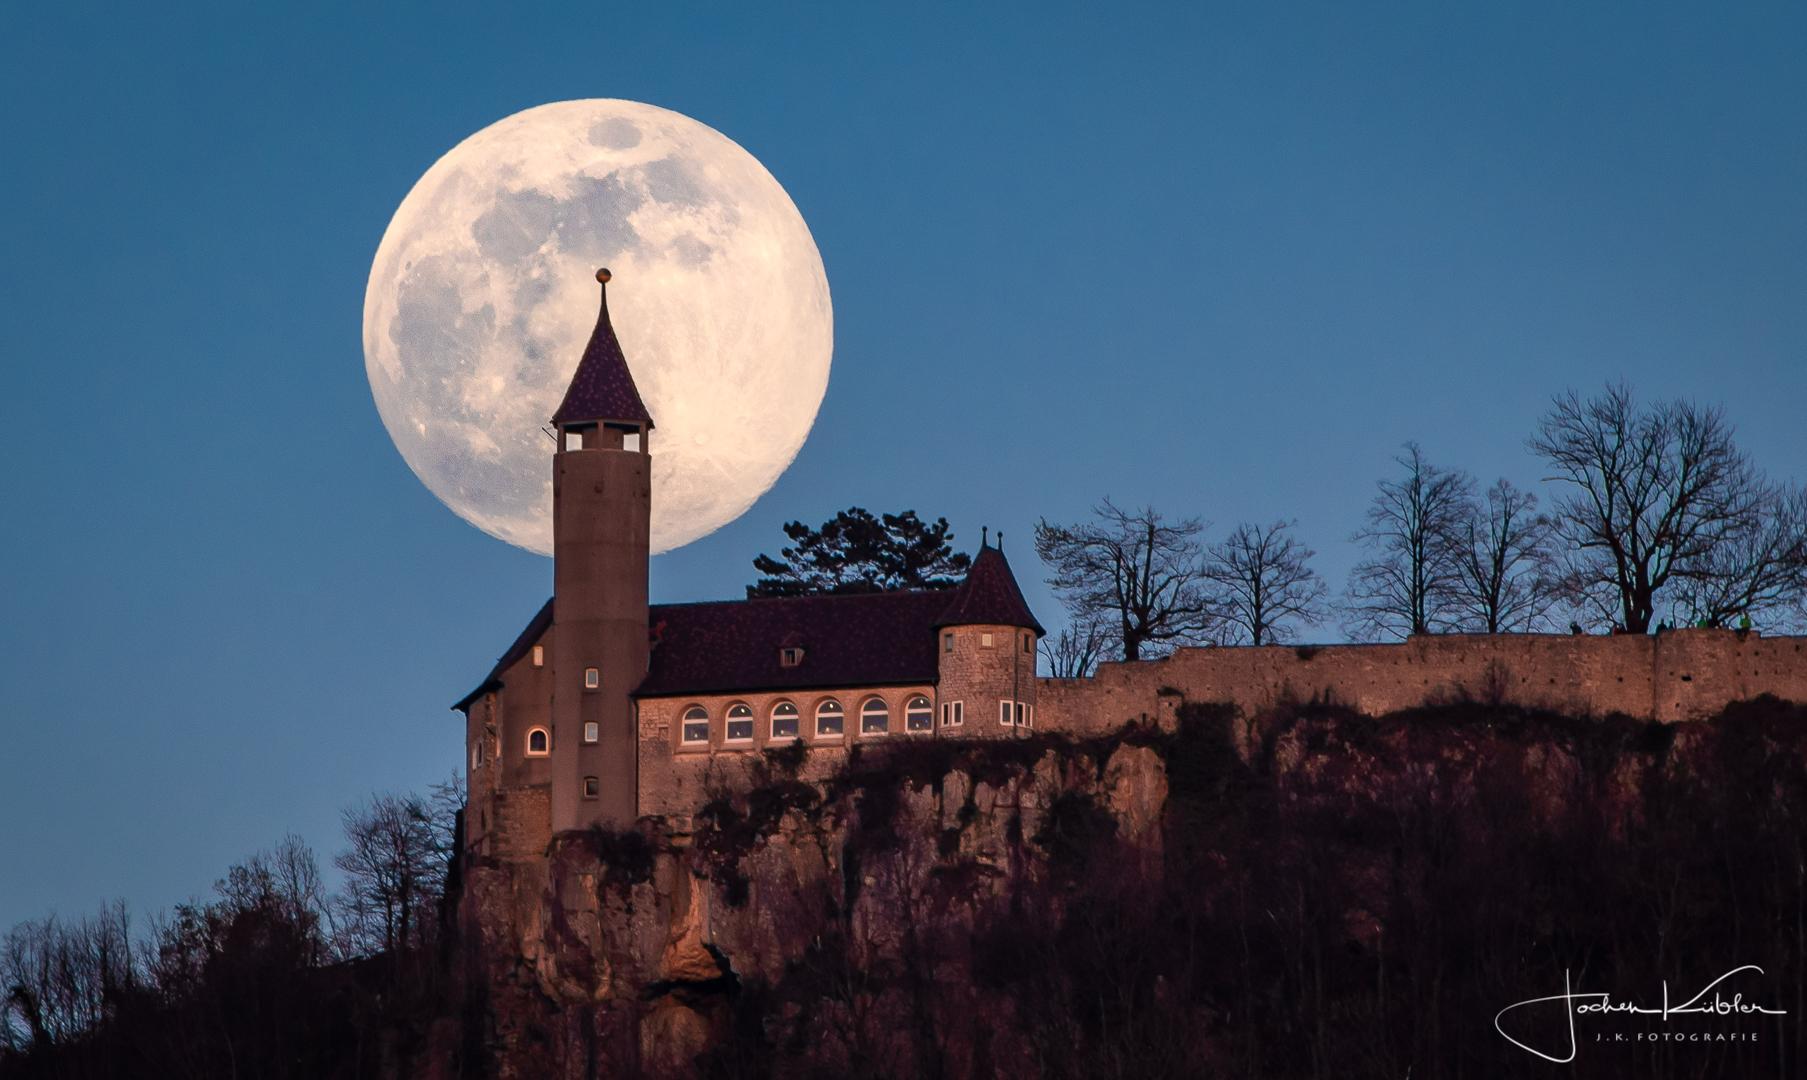 Der fast volle Mond hinter der Burg Teck